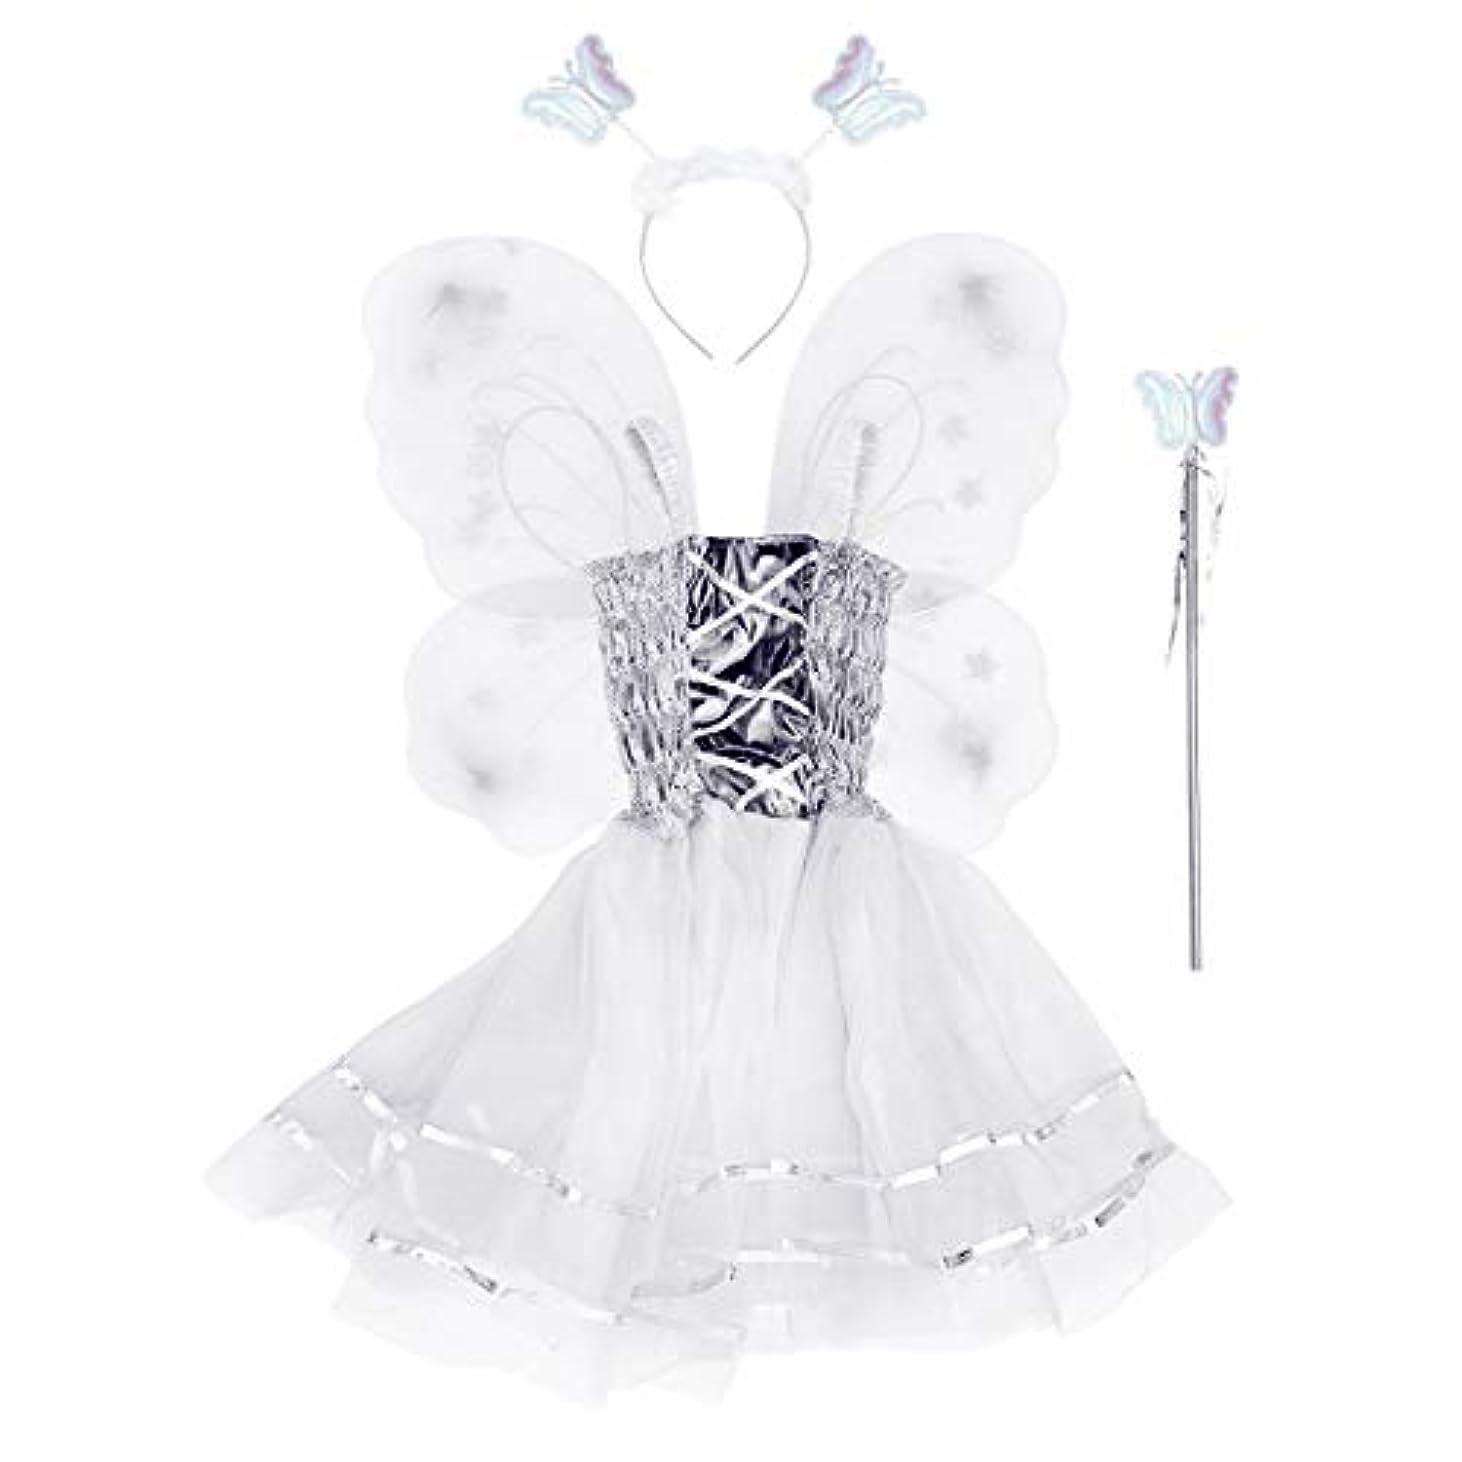 救出口実ベアリングサークルBESTOYARD 4本の女の子バタフライプリンセス妖精のコスチュームセット蝶の羽、ワンド、ヘッドバンドとツツードレス(ホワイト)